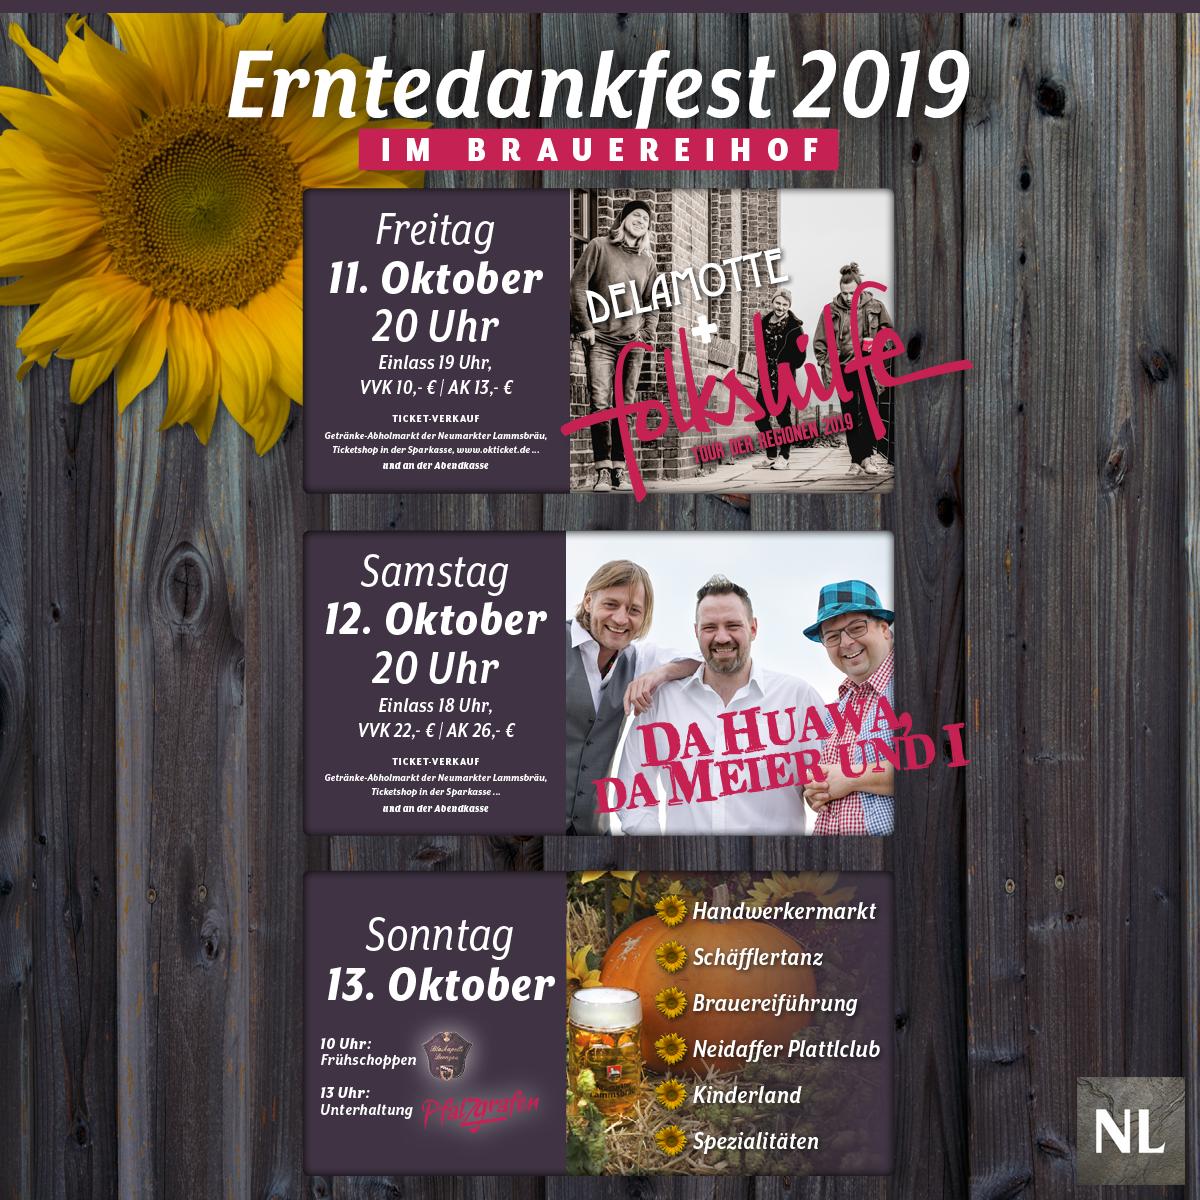 2019_Erntedankfest_Programm